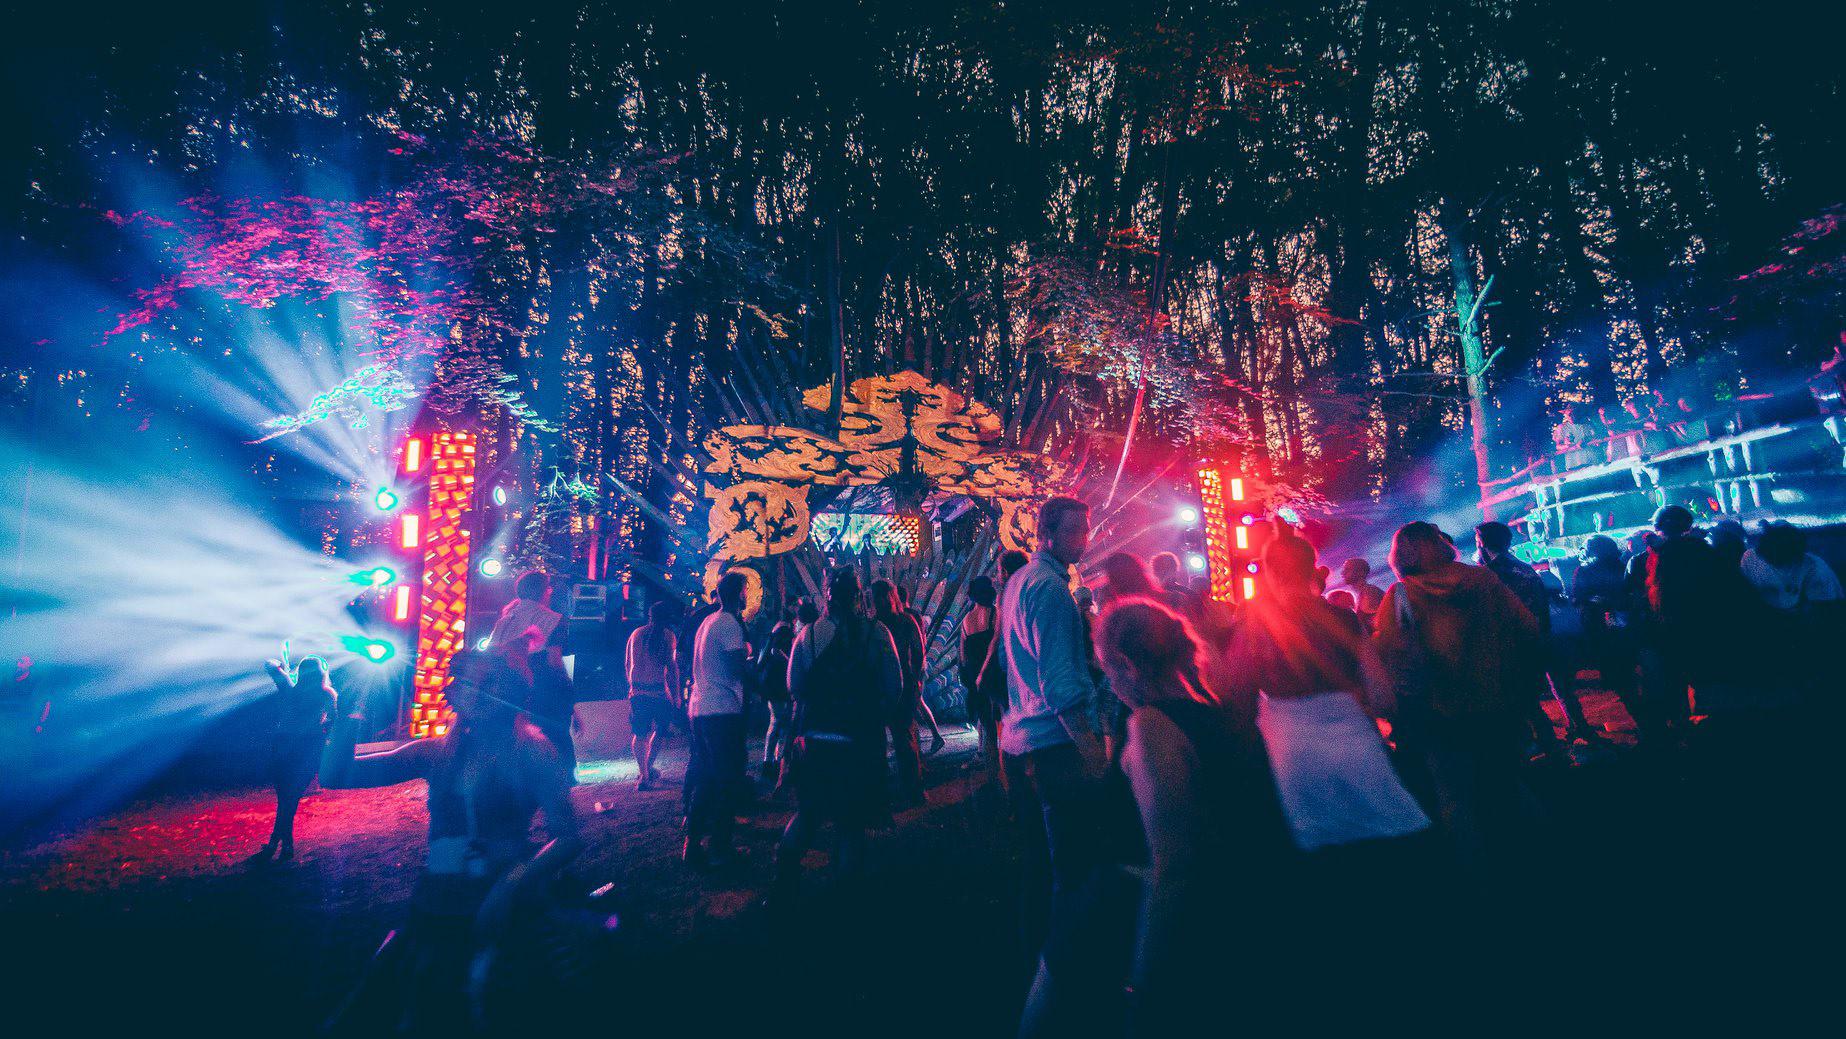 Noisily Festival 2018